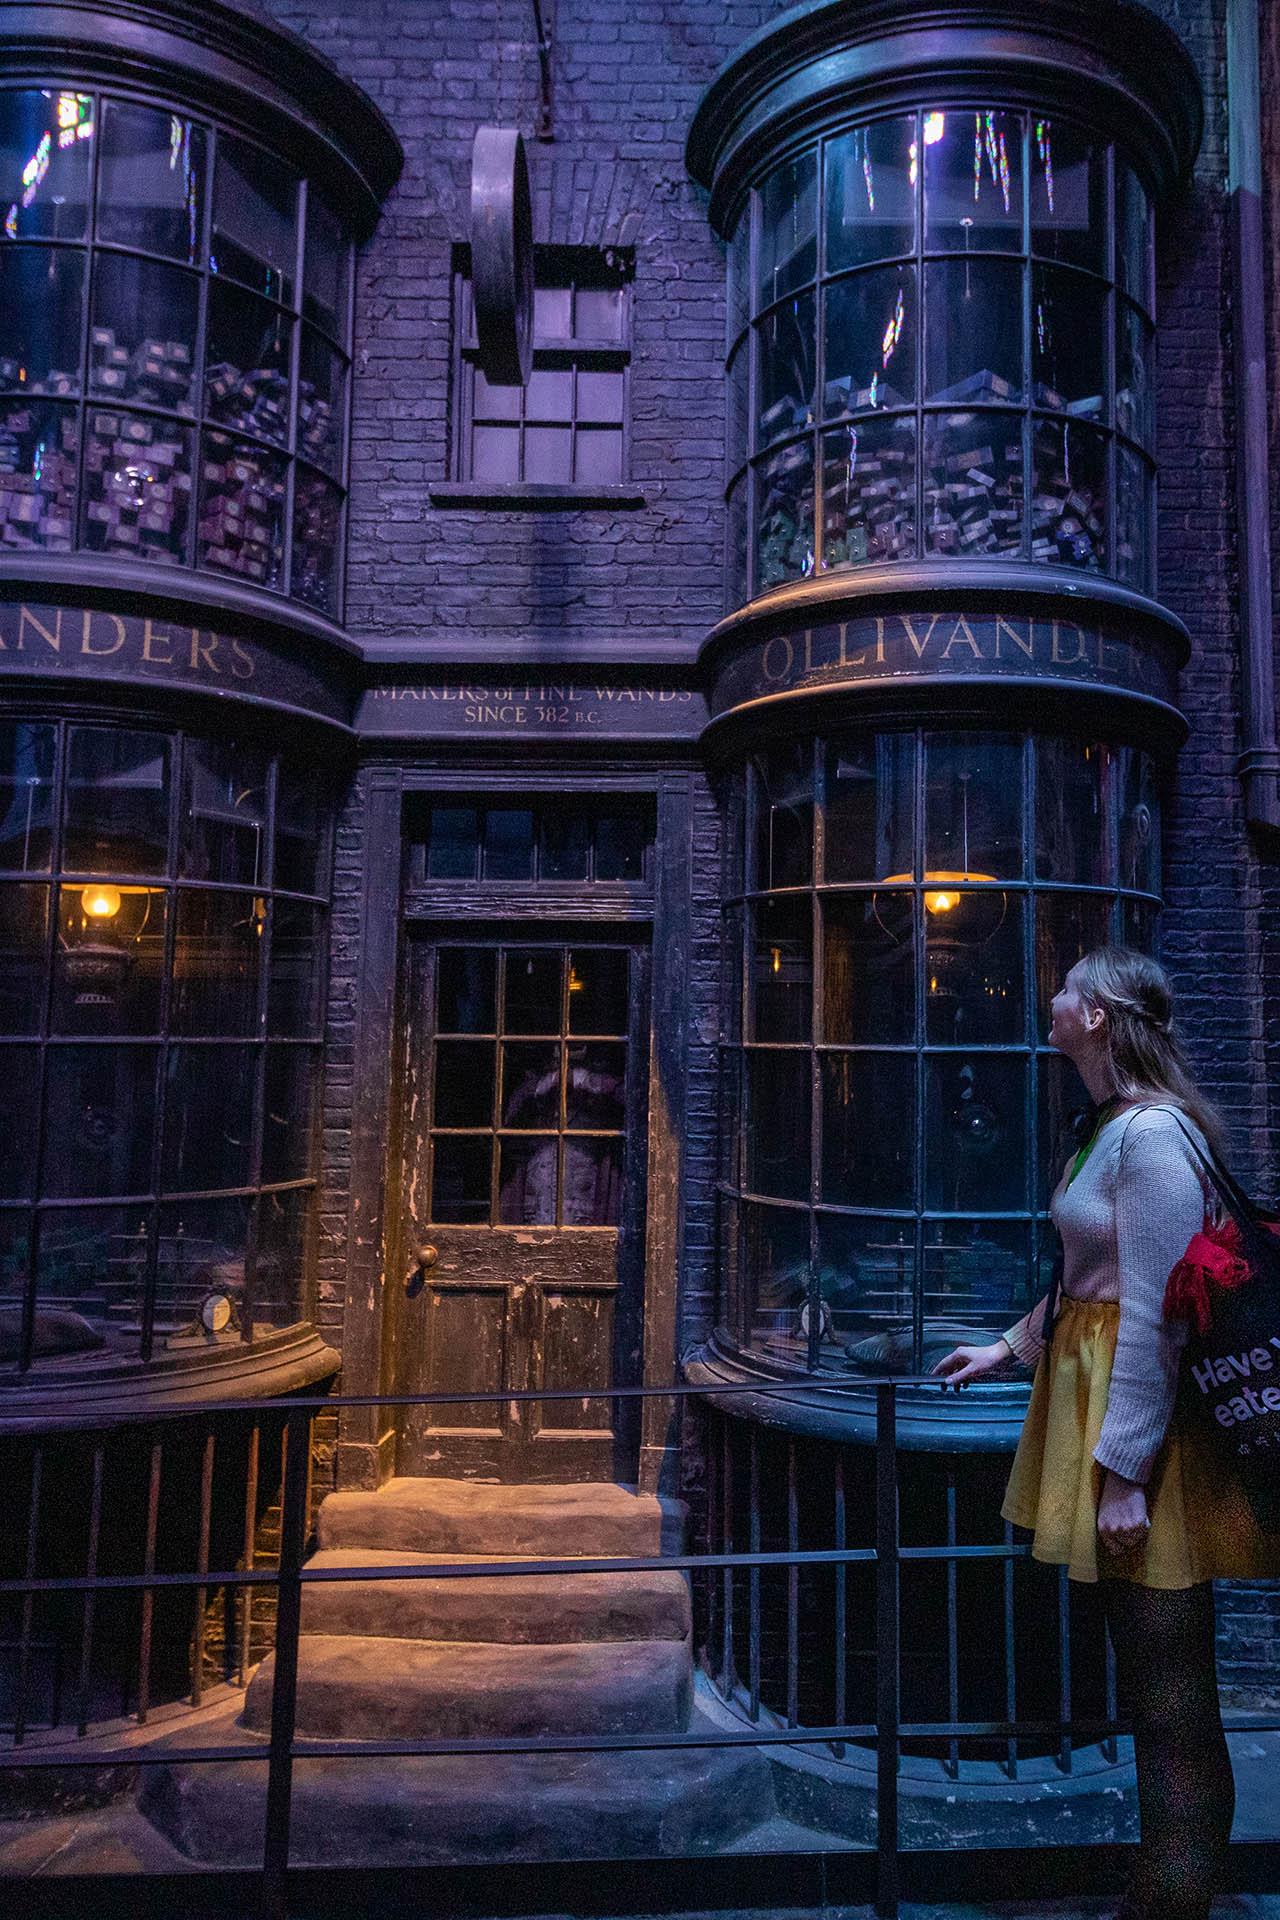 Meisje kijkt naar de etalage van de winkel Ollivanders op Diagon Alley in de Warner Bros Studio Tour